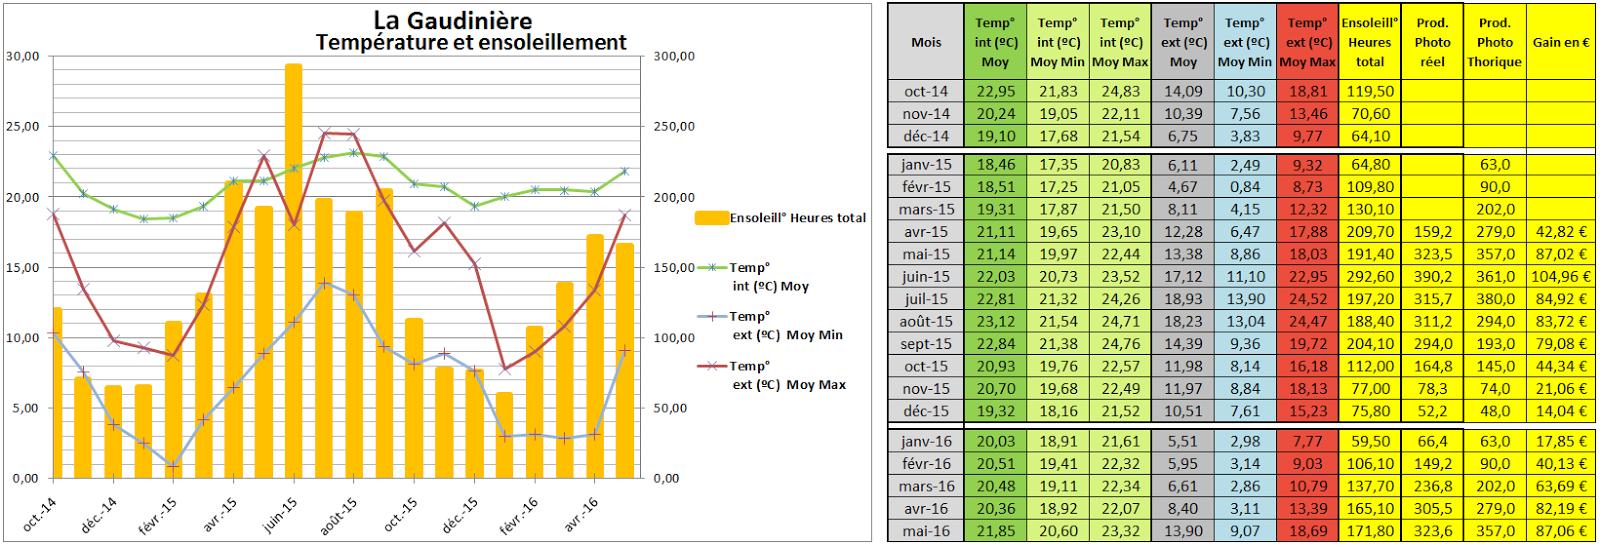 Et pour finir voici le tableau et le graphique de suivi des températures intérieur et extérieurs